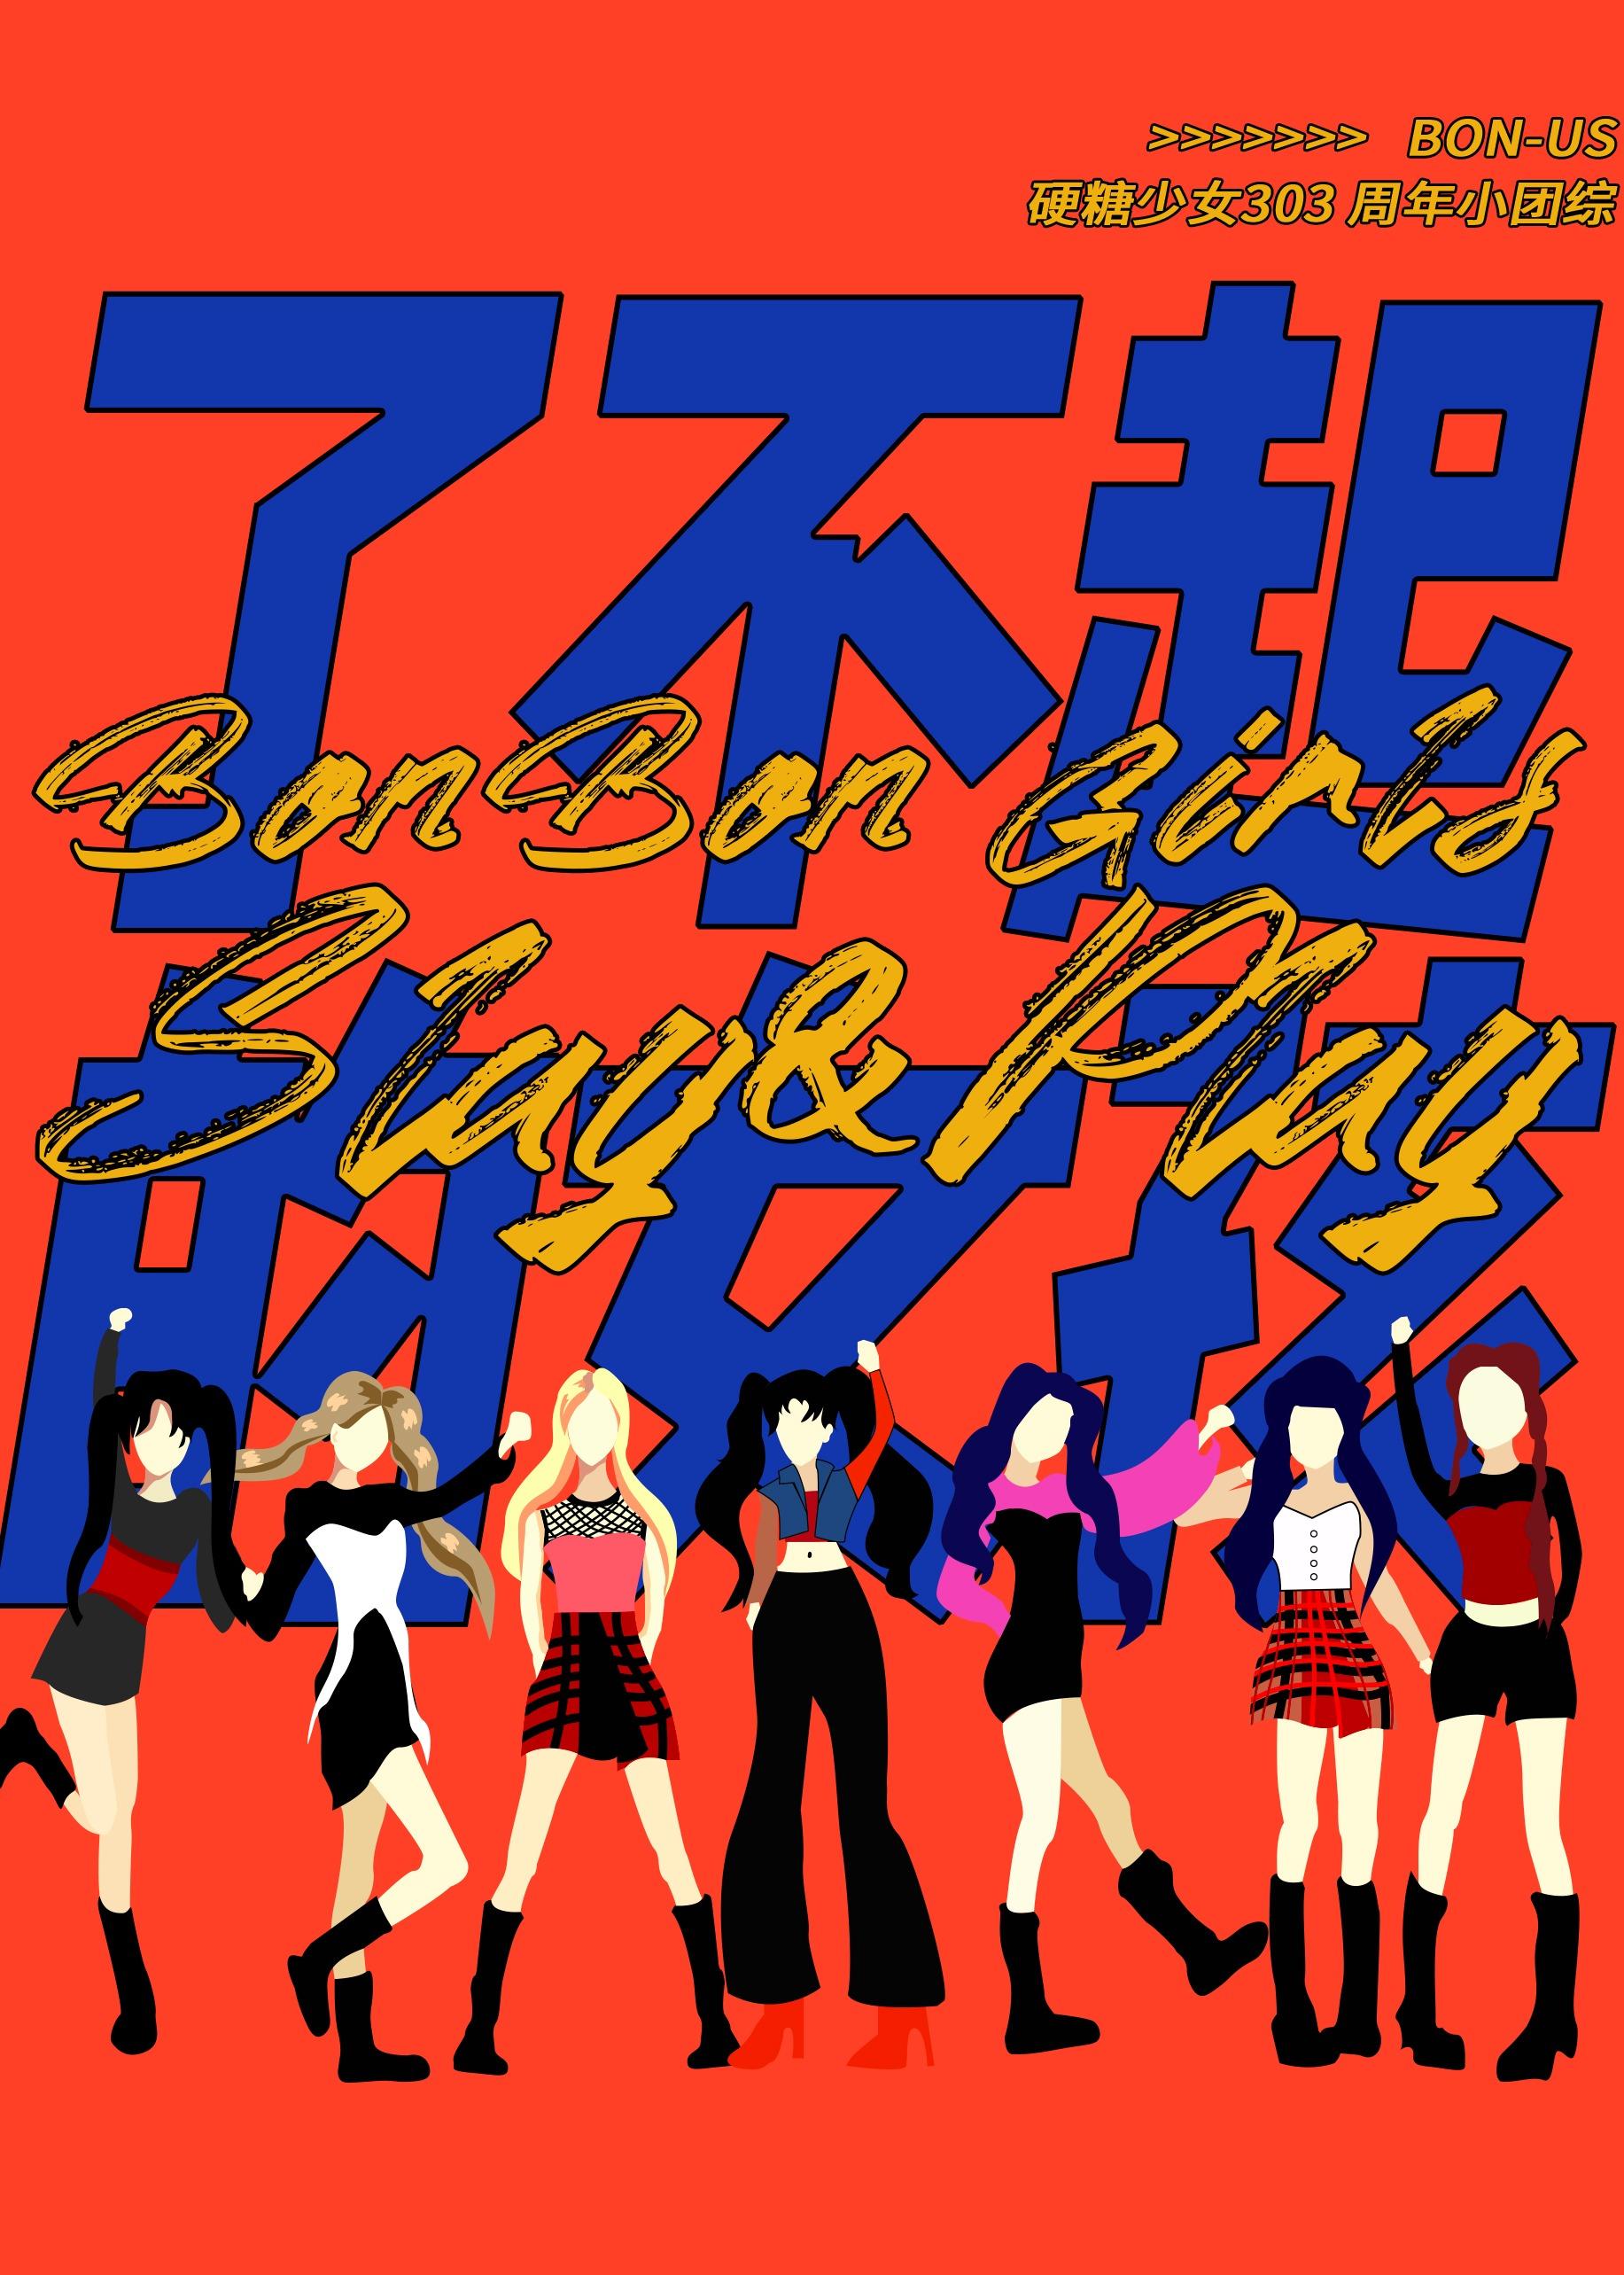 硬糖少女BON-US周年季